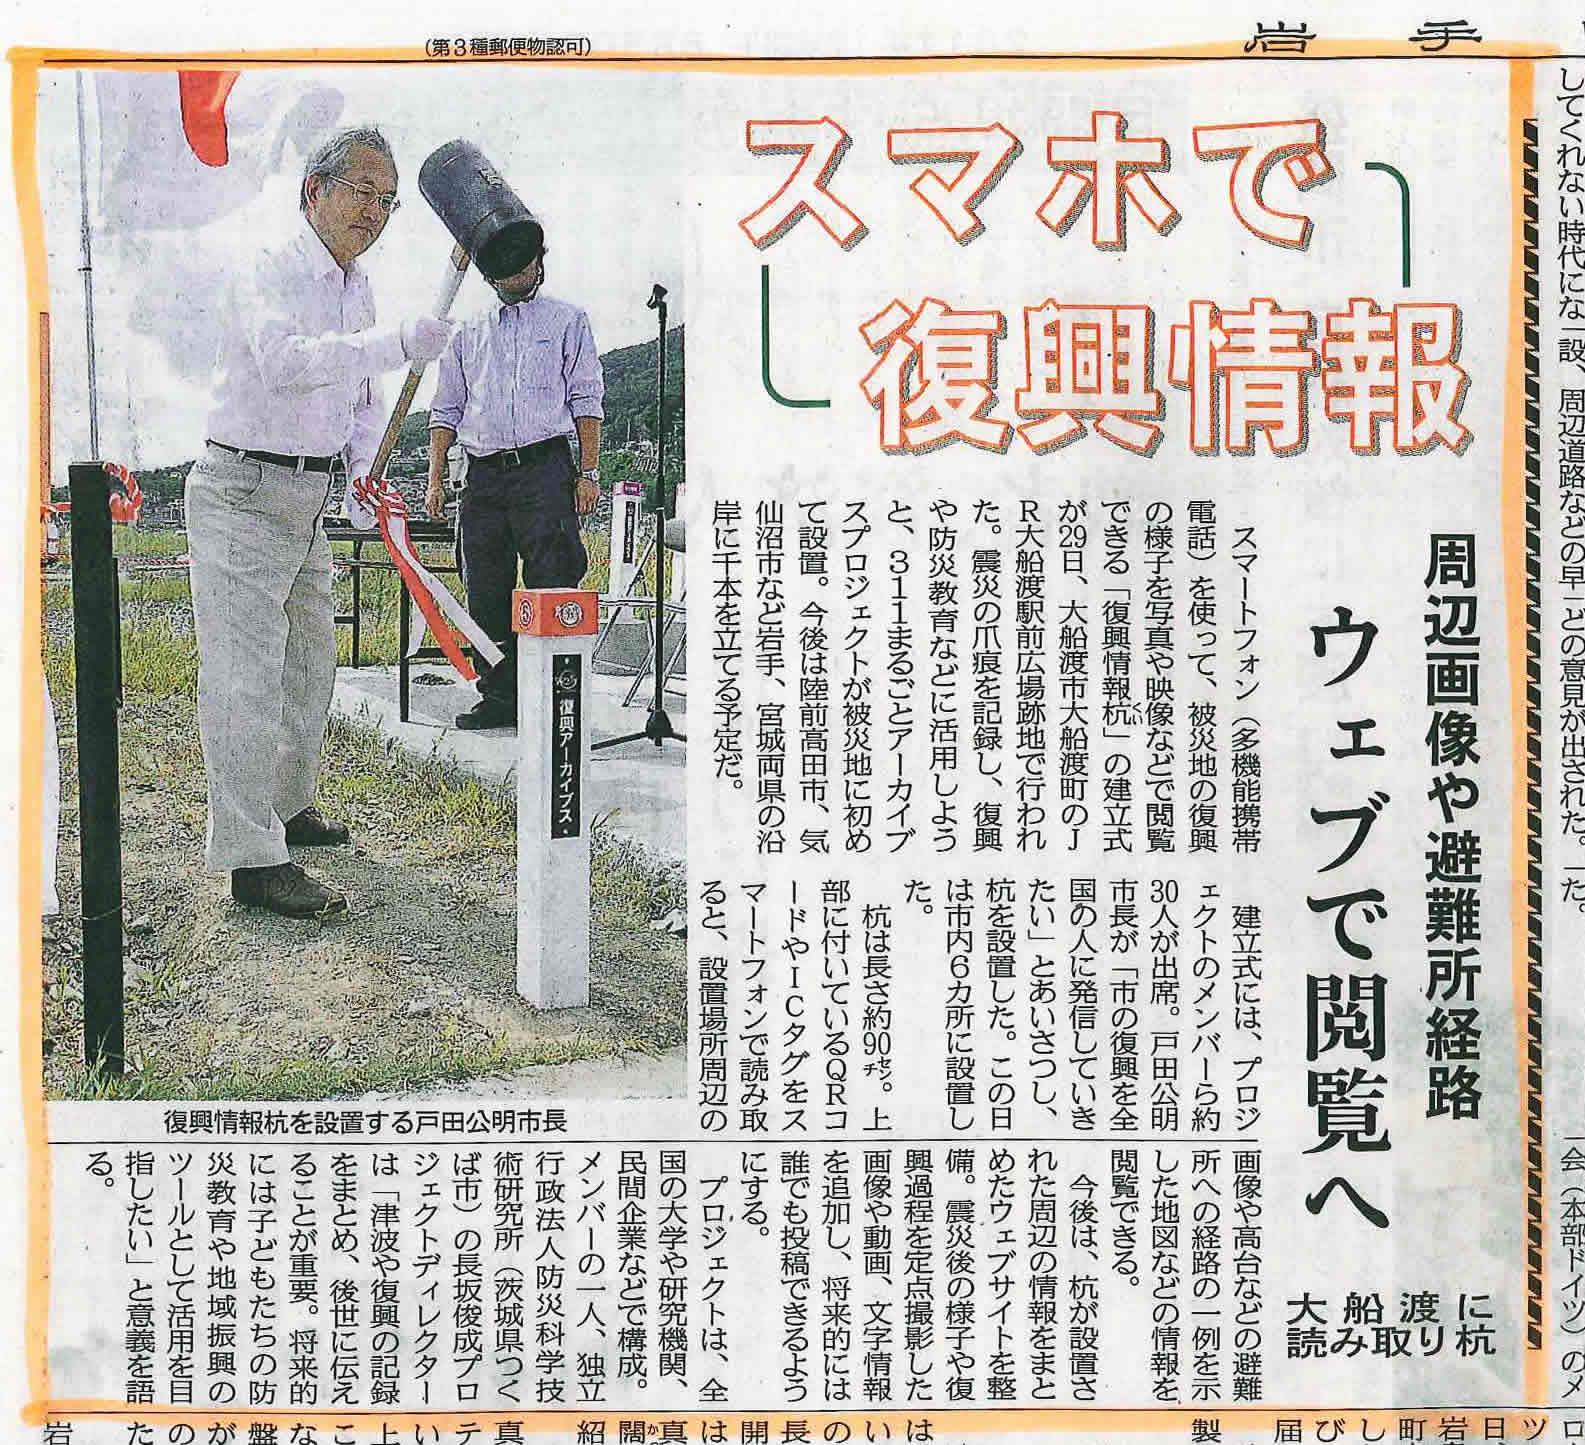 8月30日、岩手日報に当社の杭が掲載されました